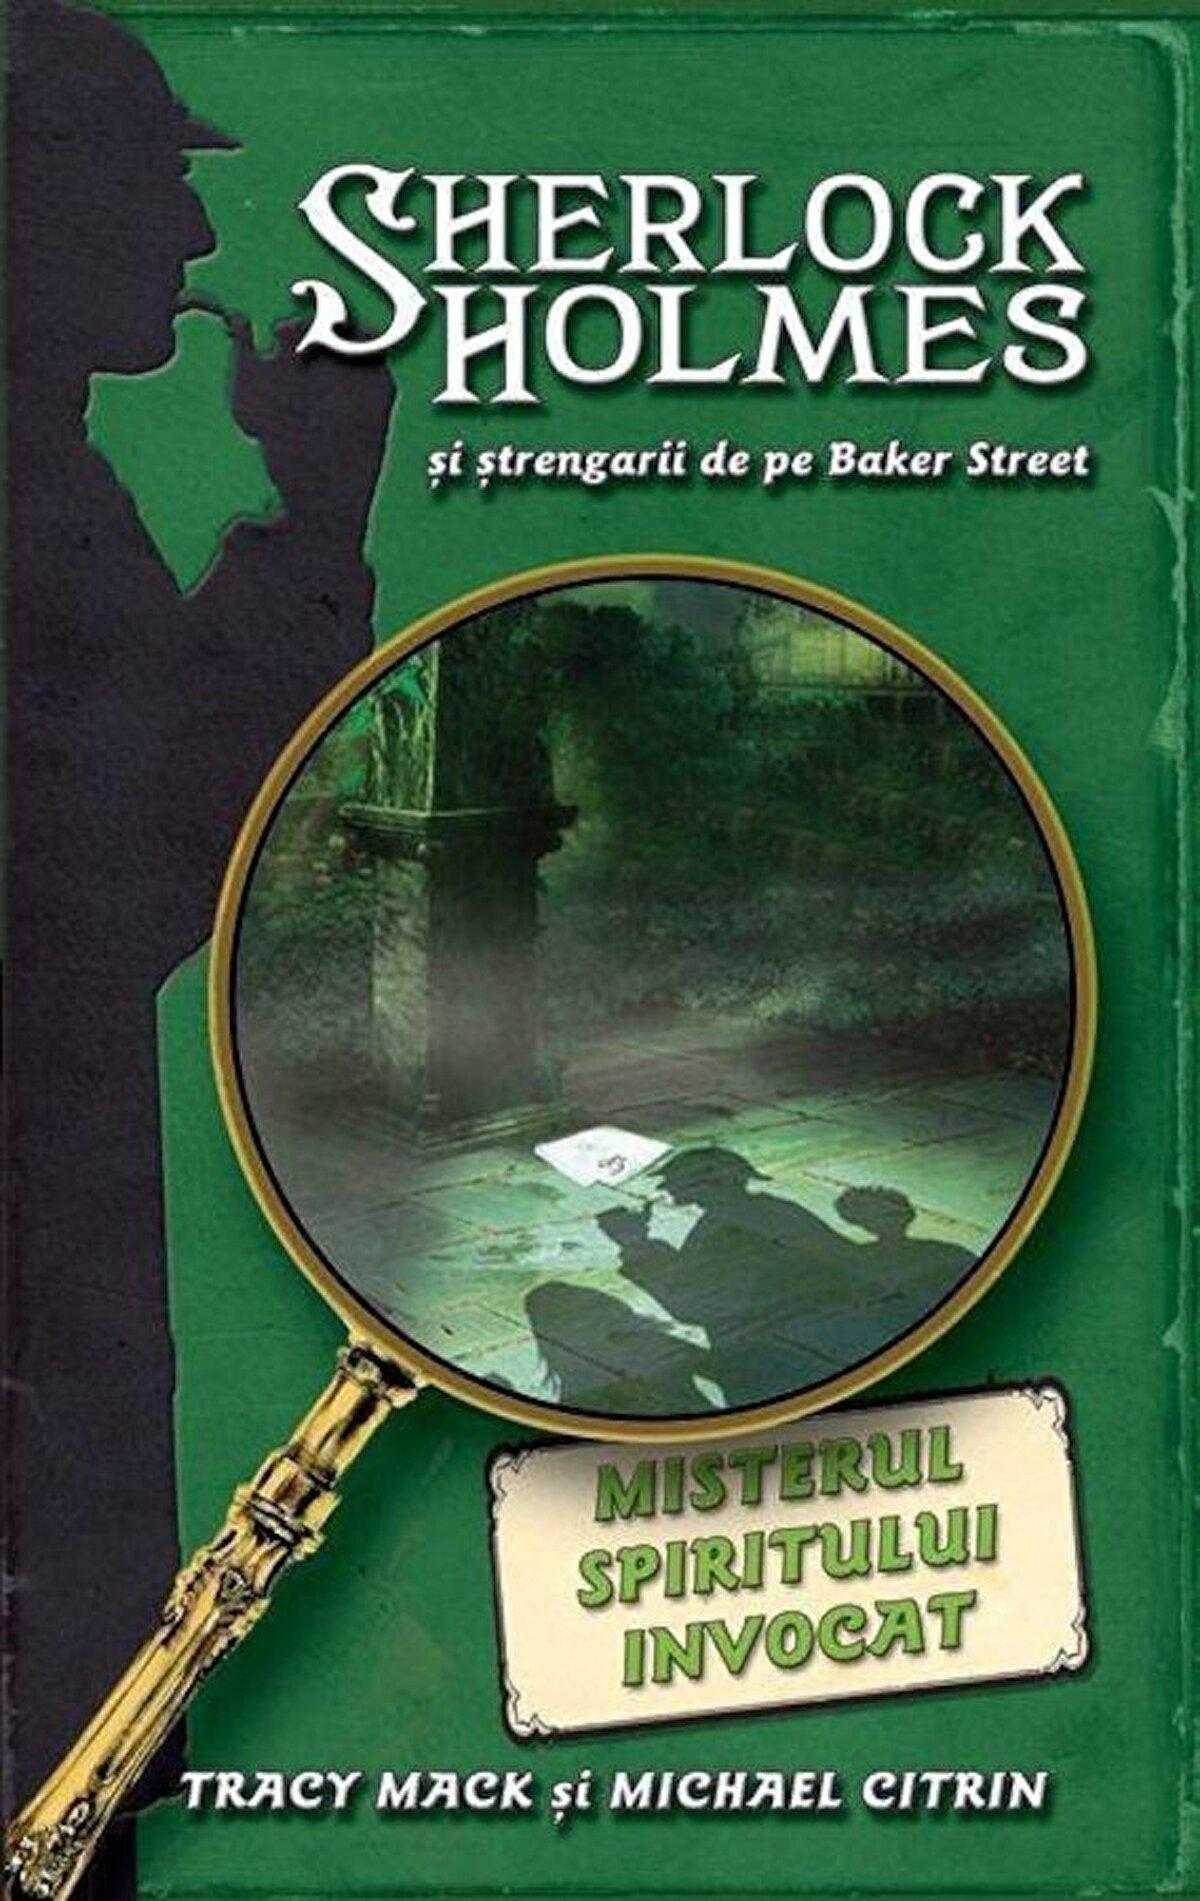 Misterul spiritului invocat, Sherlock Holmes si strengarii de pe Baker Street, Vol. 2